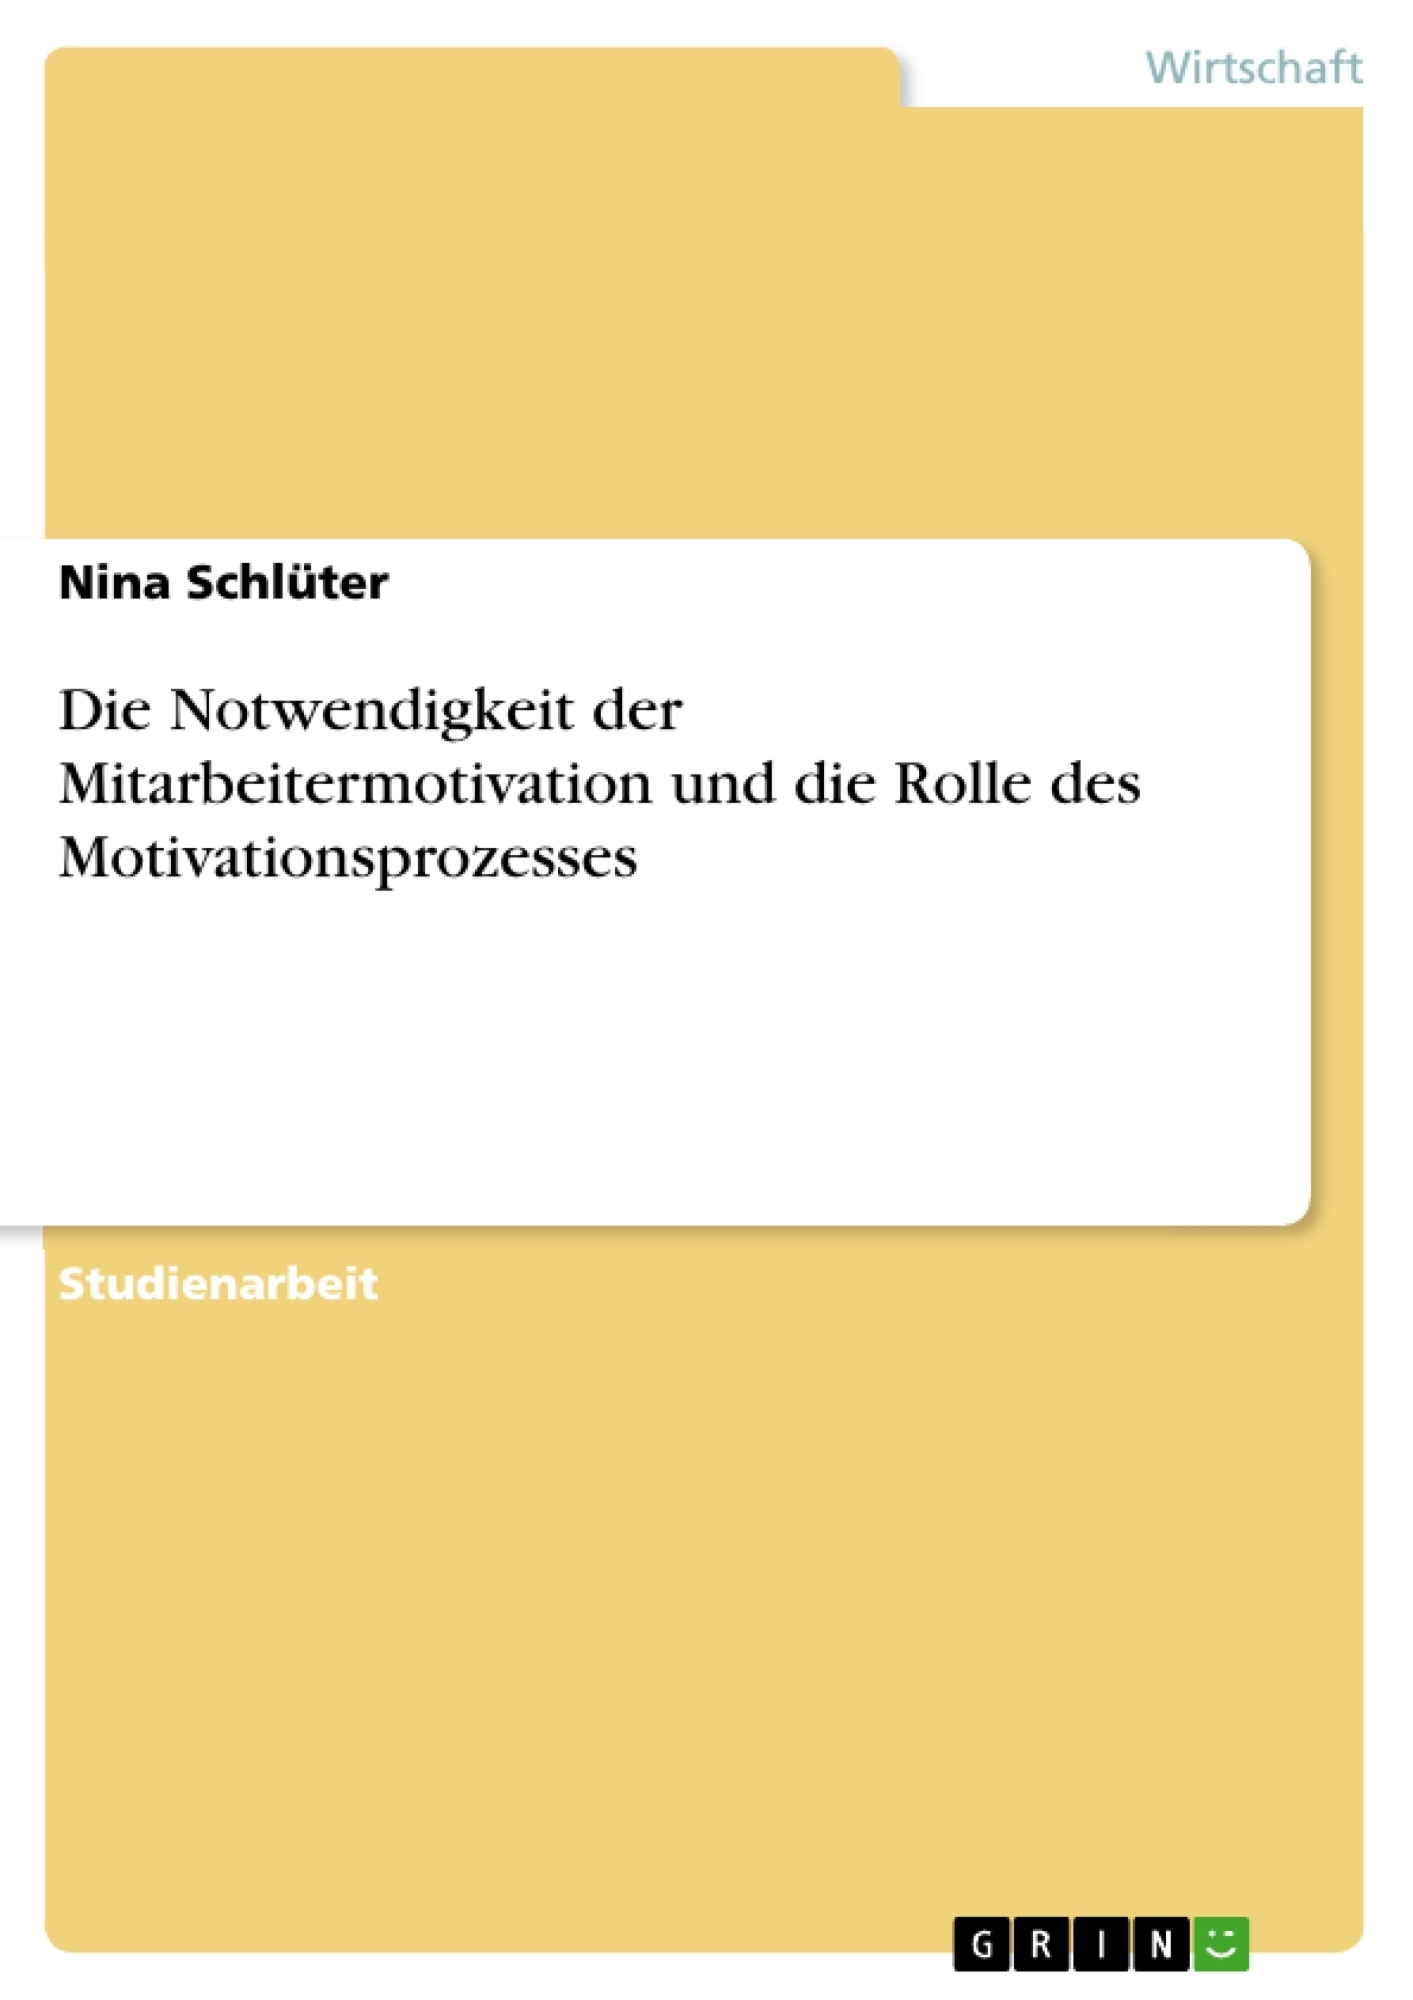 Titel: Die Notwendigkeit der Mitarbeitermotivation und die Rolle des Motivationsprozesses